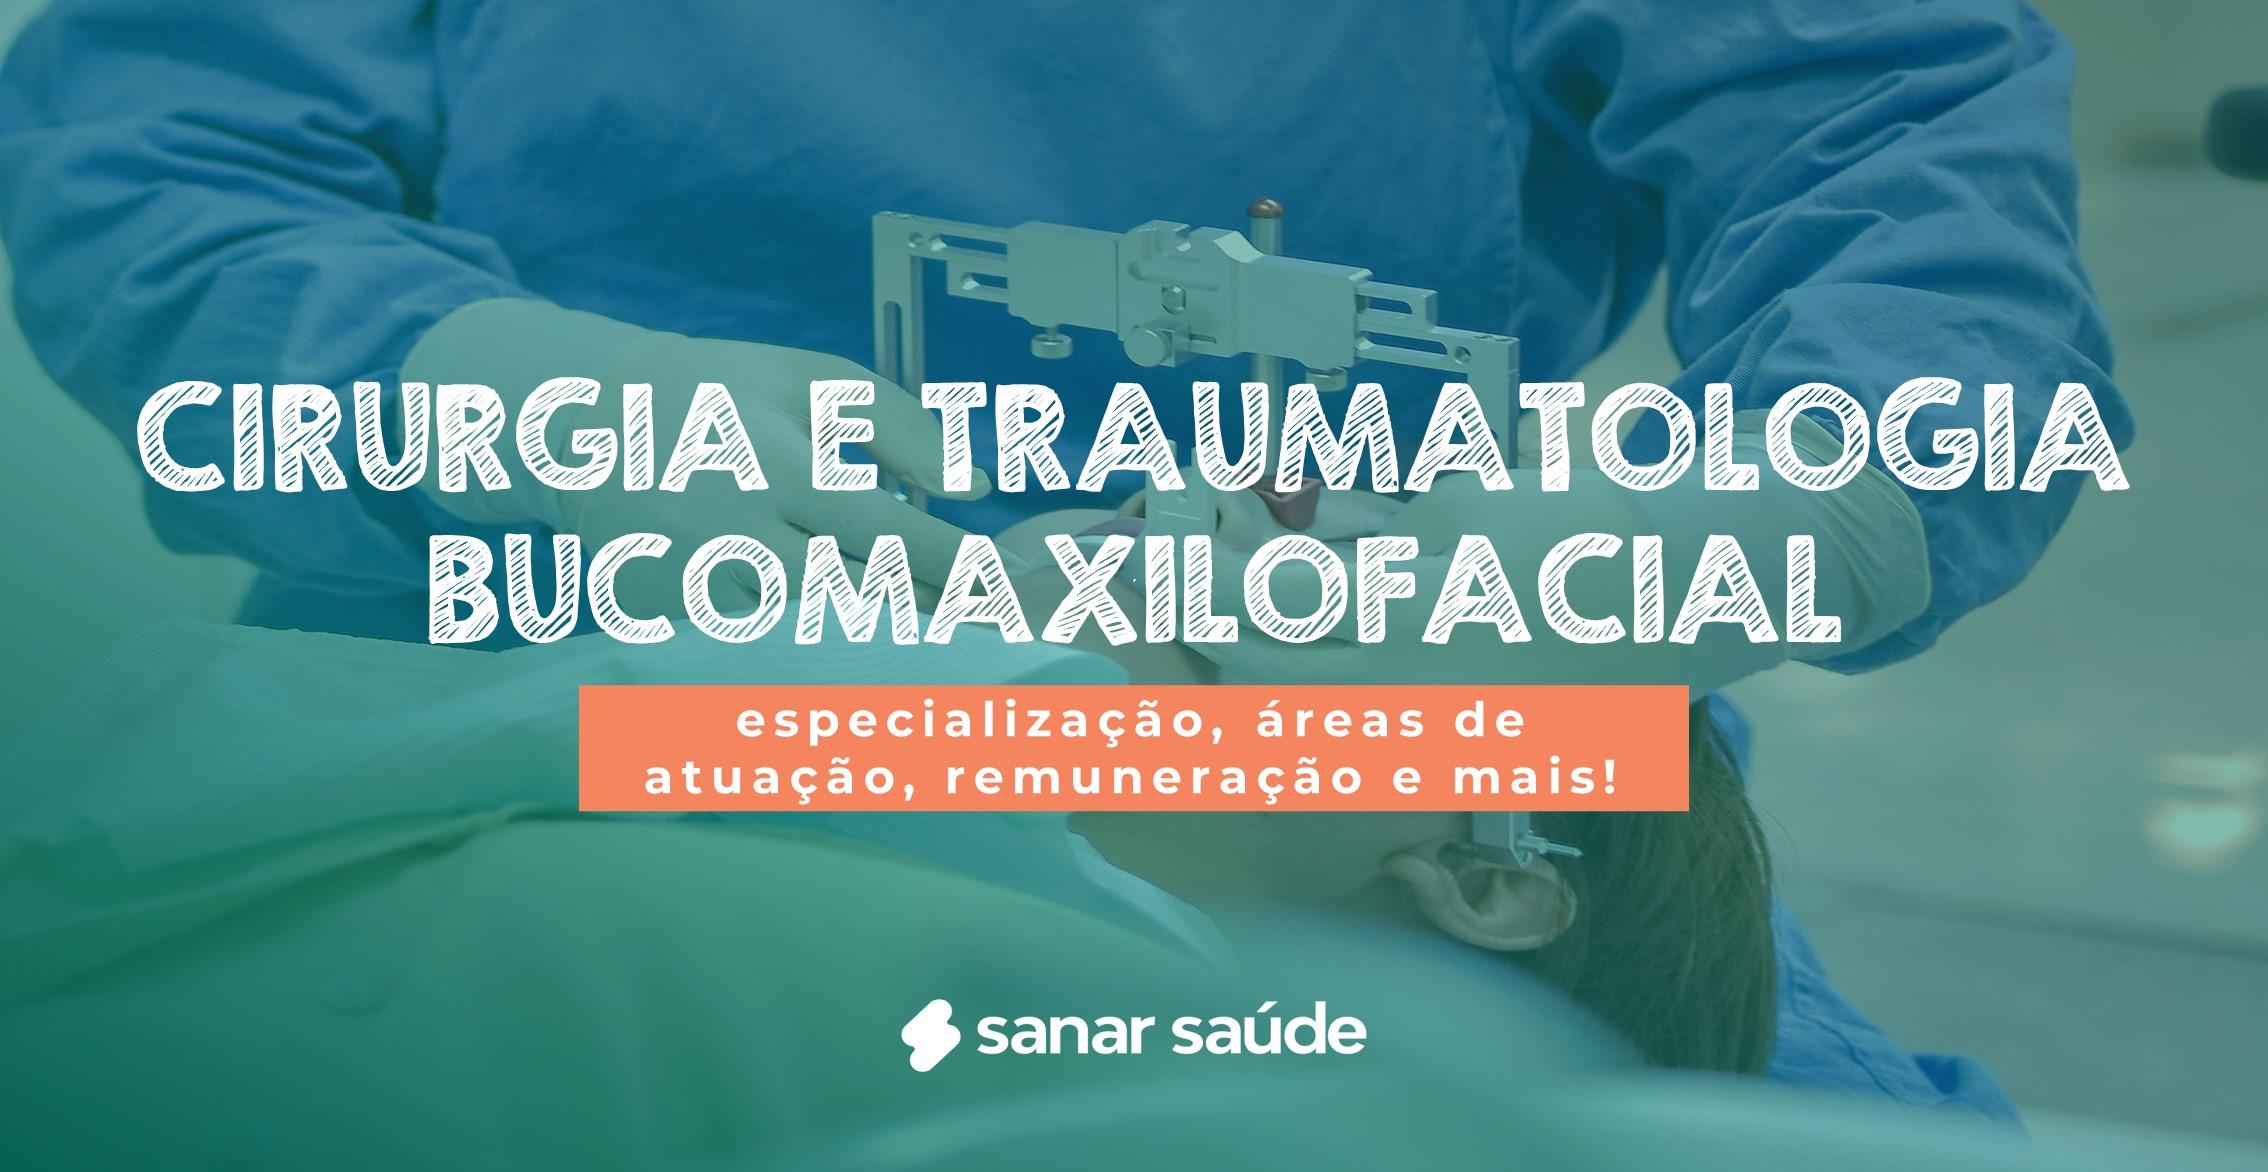 cirurgia-traumato-bucomaxilo-foto-h-shaw-unsplash-a.jpg (386 KB)